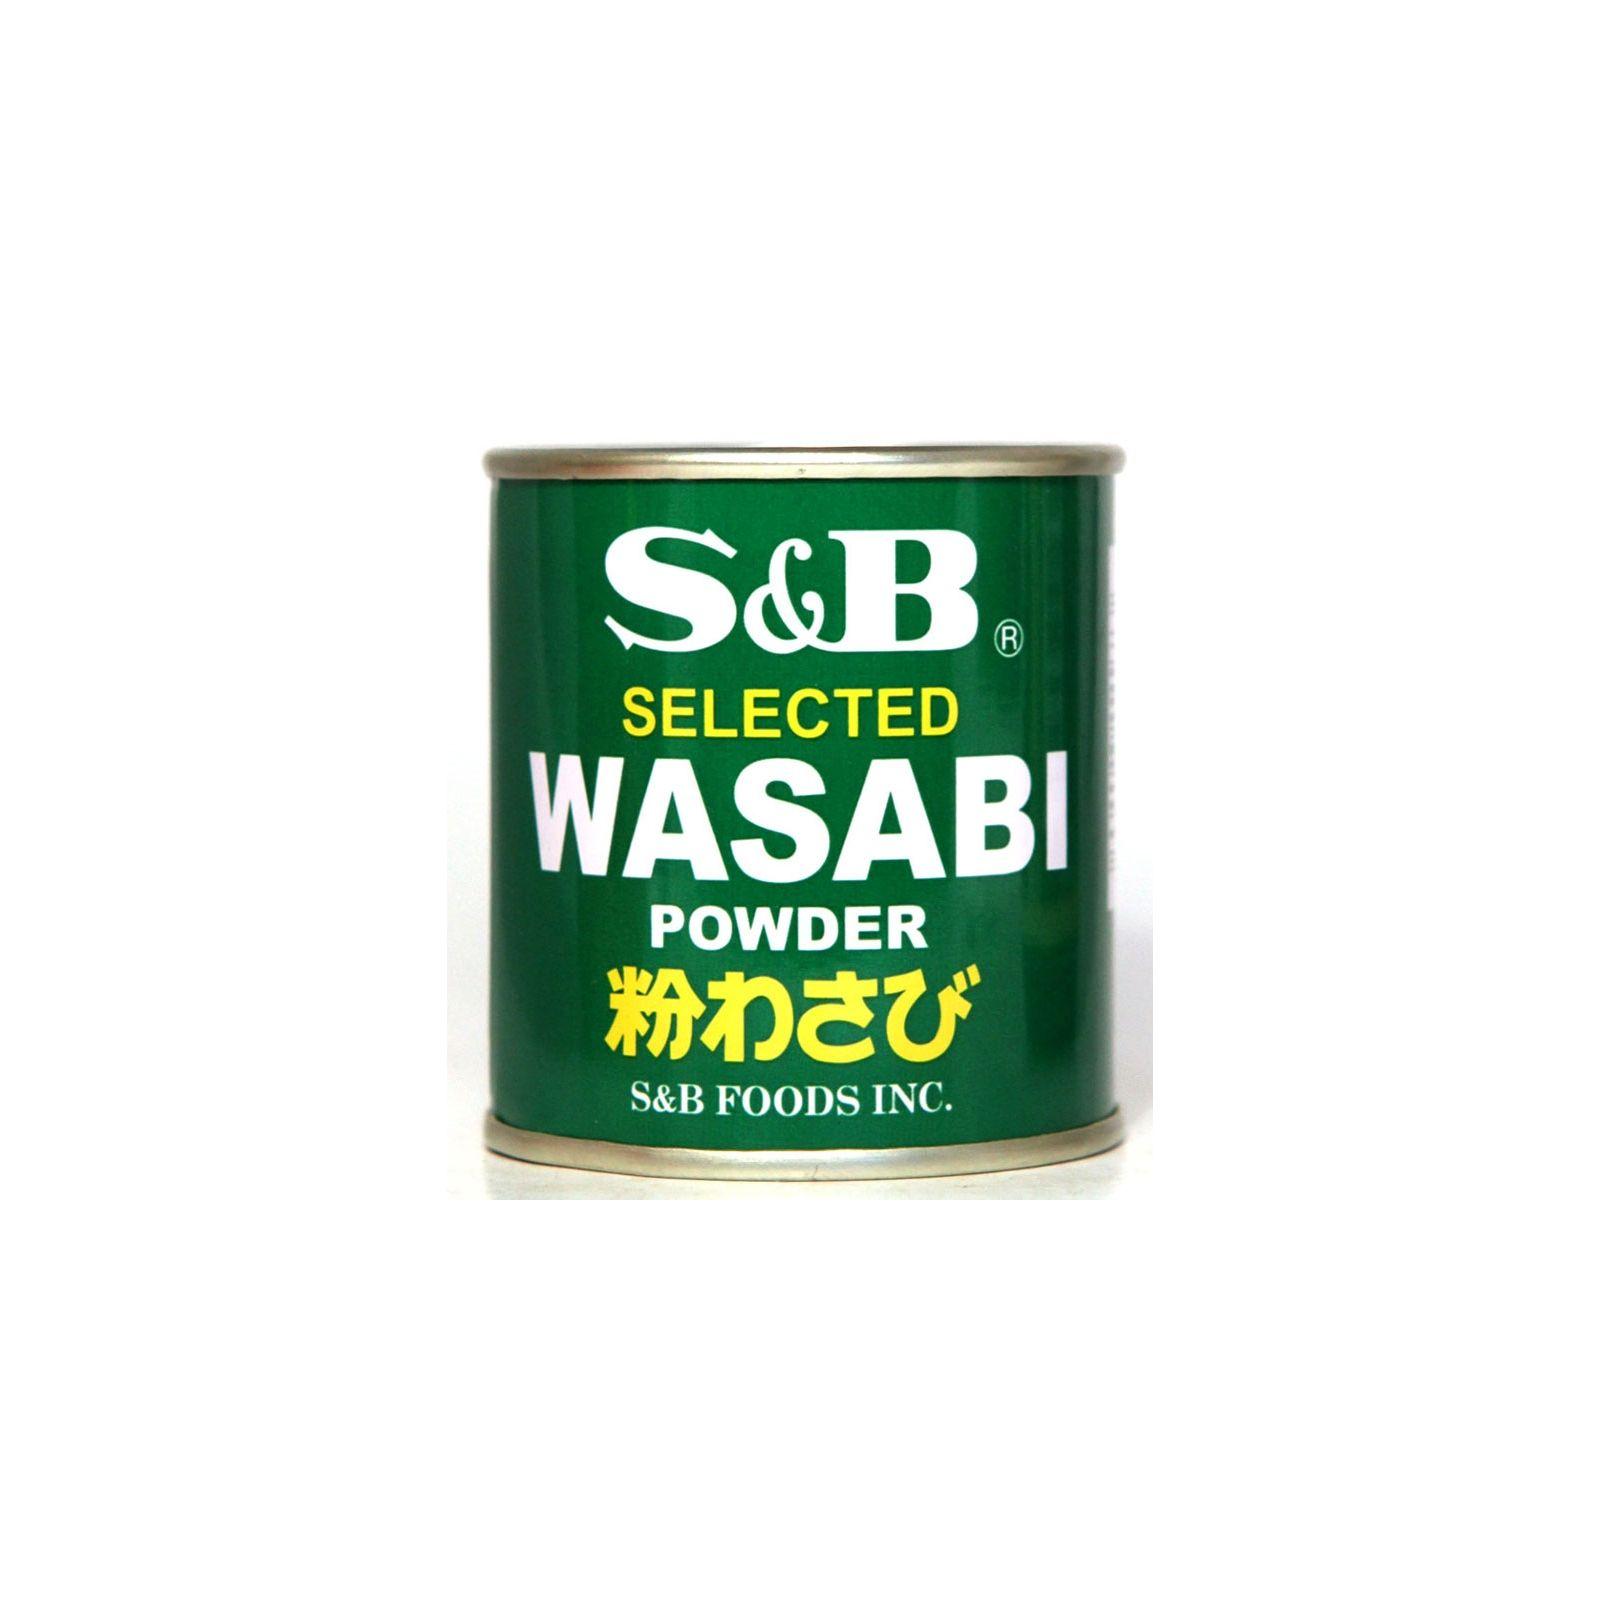 Asia Marché Wasabi en poudre S&B; 30g